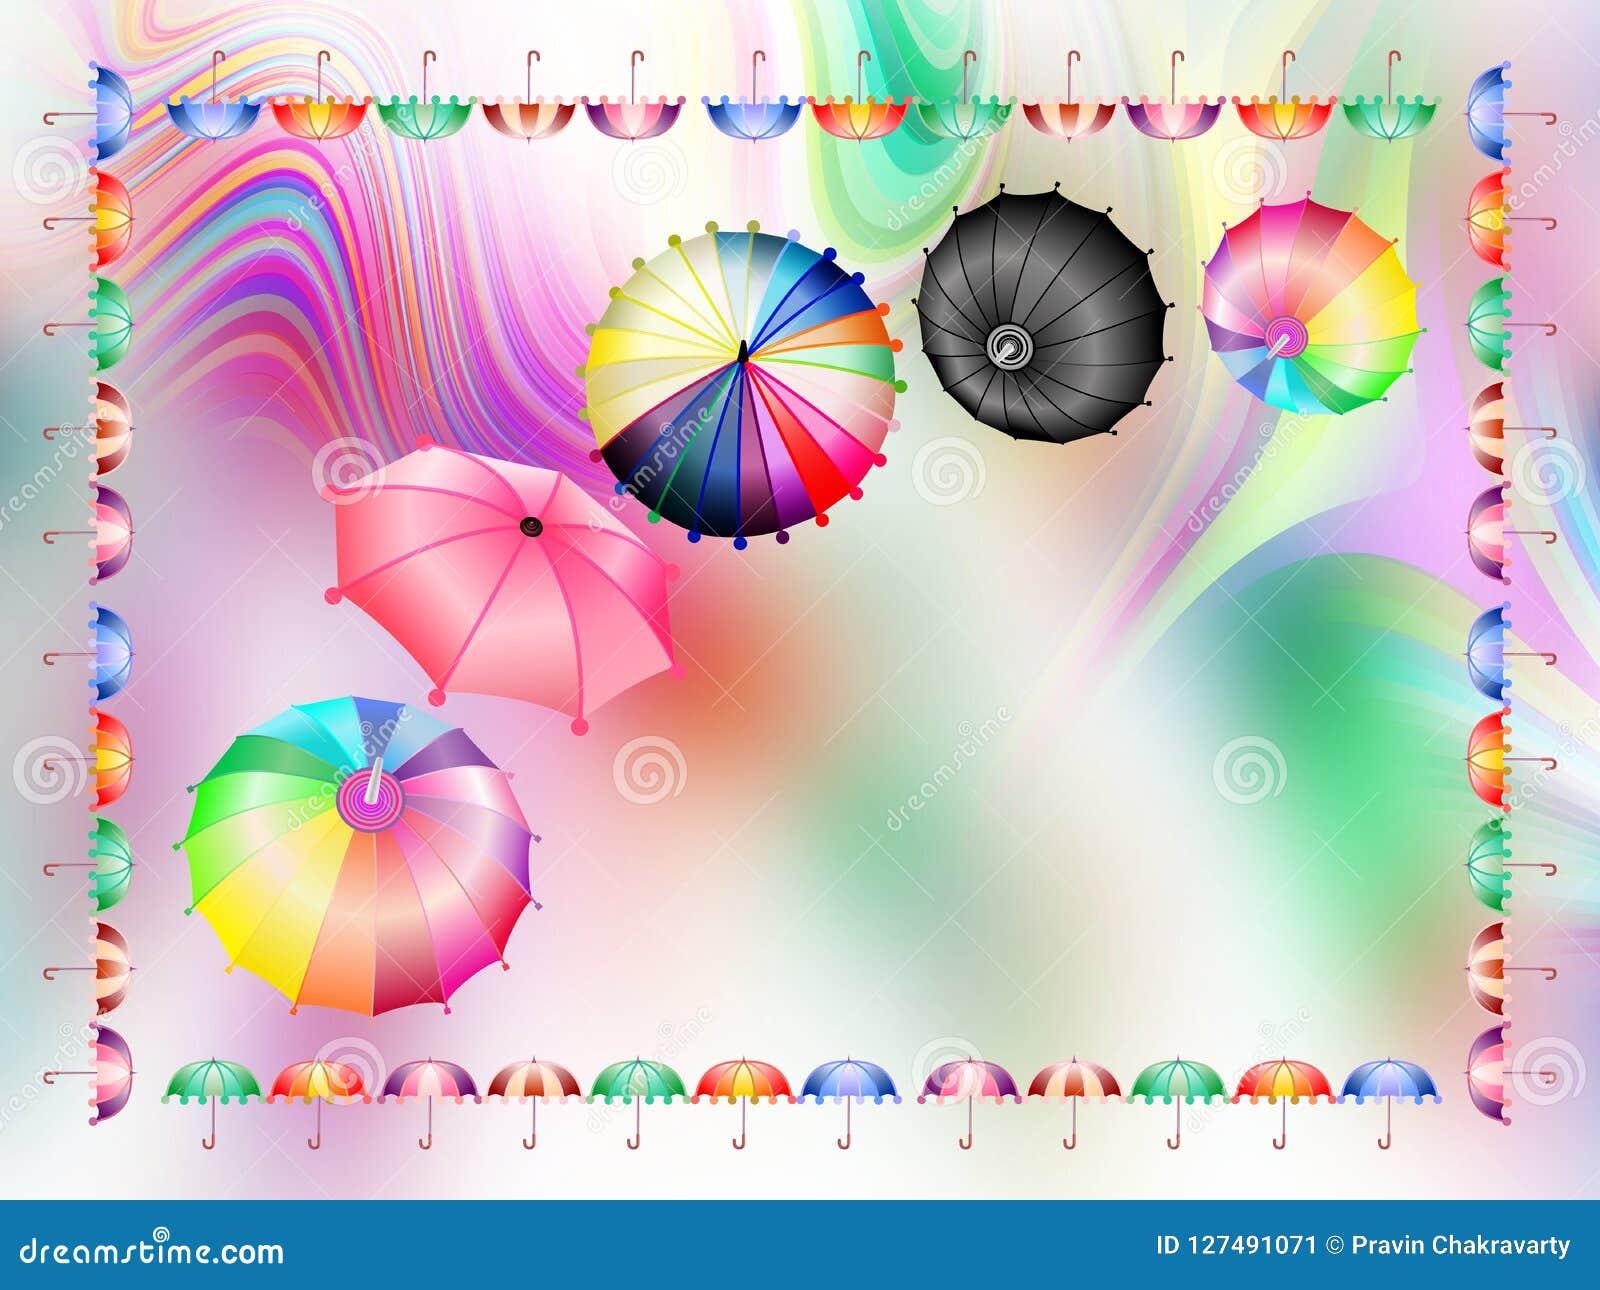 Kolorowi parasole combo, abstrakcjonistyczna tło tapeta, wektorowa ilustracja